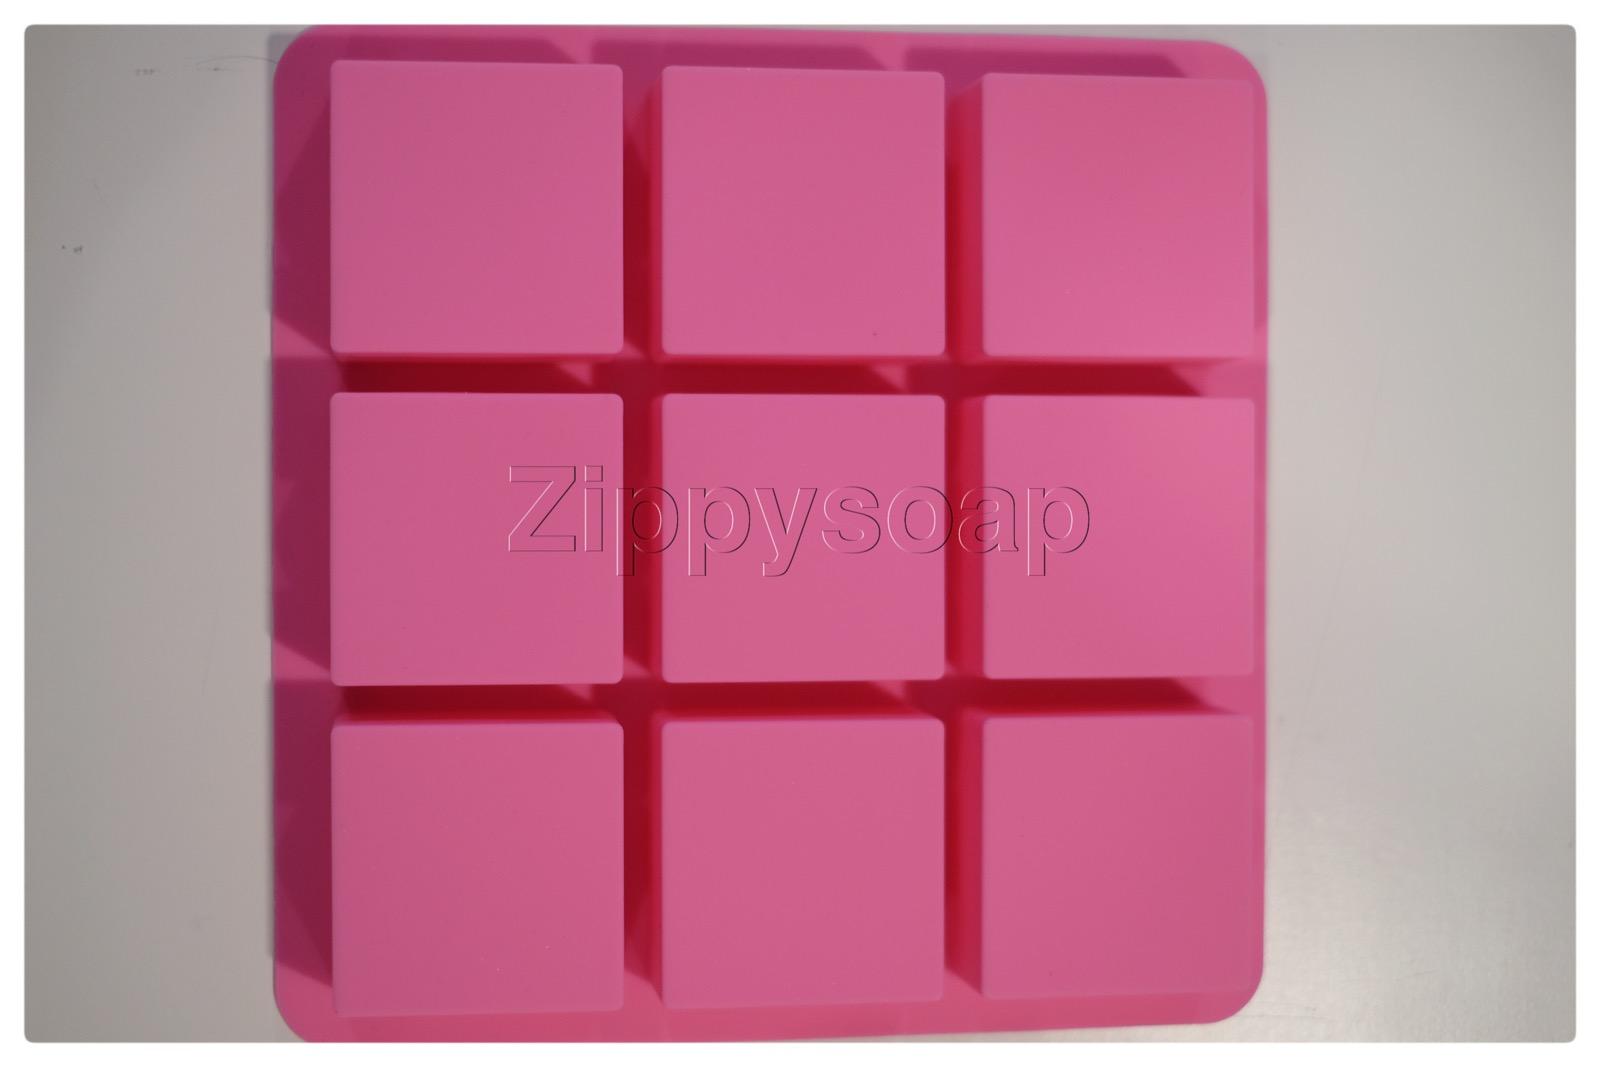 แม่พิมพ์ซิลิโคนรูปสี่เหลี่ยม 9 ช่อง 6*6*3